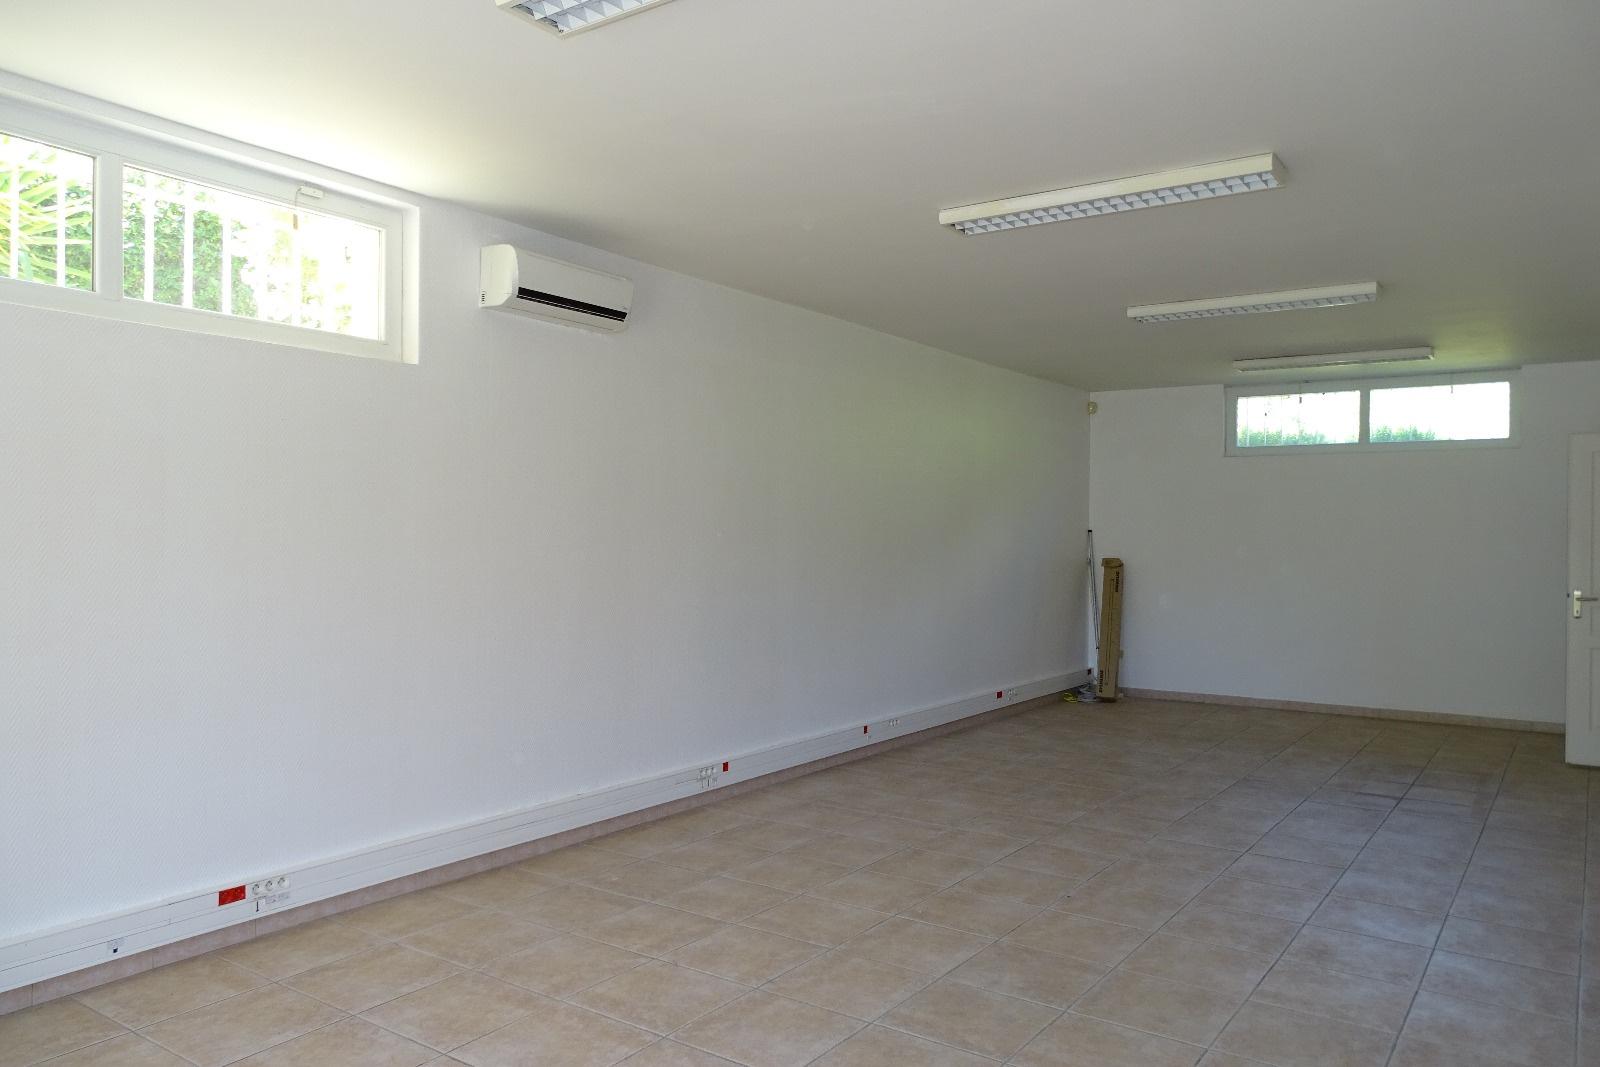 vente a vendre n mes saint c zaire maison 3 chambres garage piscine et grands locaux. Black Bedroom Furniture Sets. Home Design Ideas